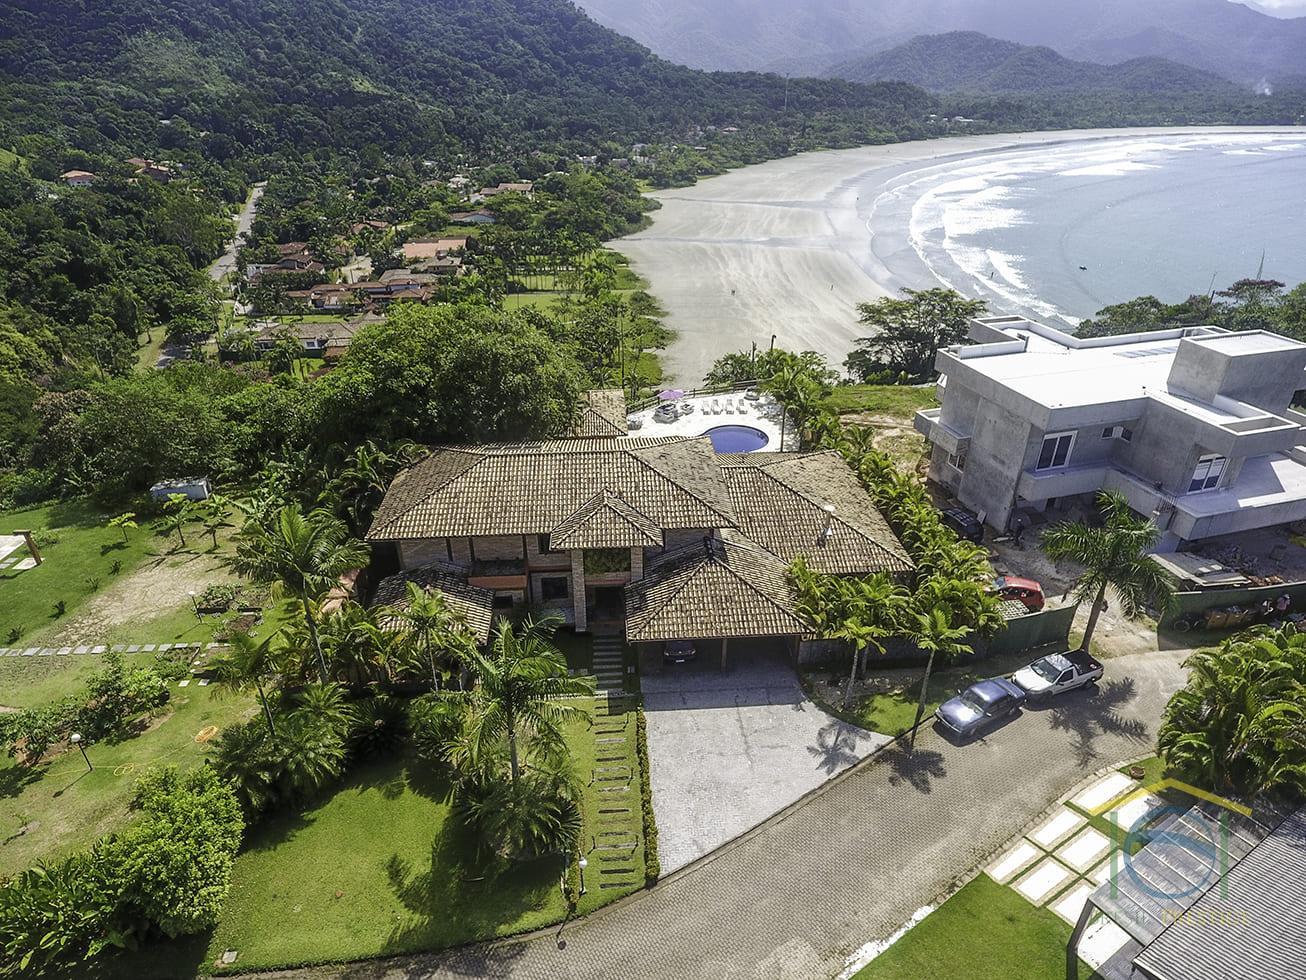 Venda Casa De Luxo Condomínio Fechado - Praia Brava do Sul - Ubatuba - São Paulo - Brasil